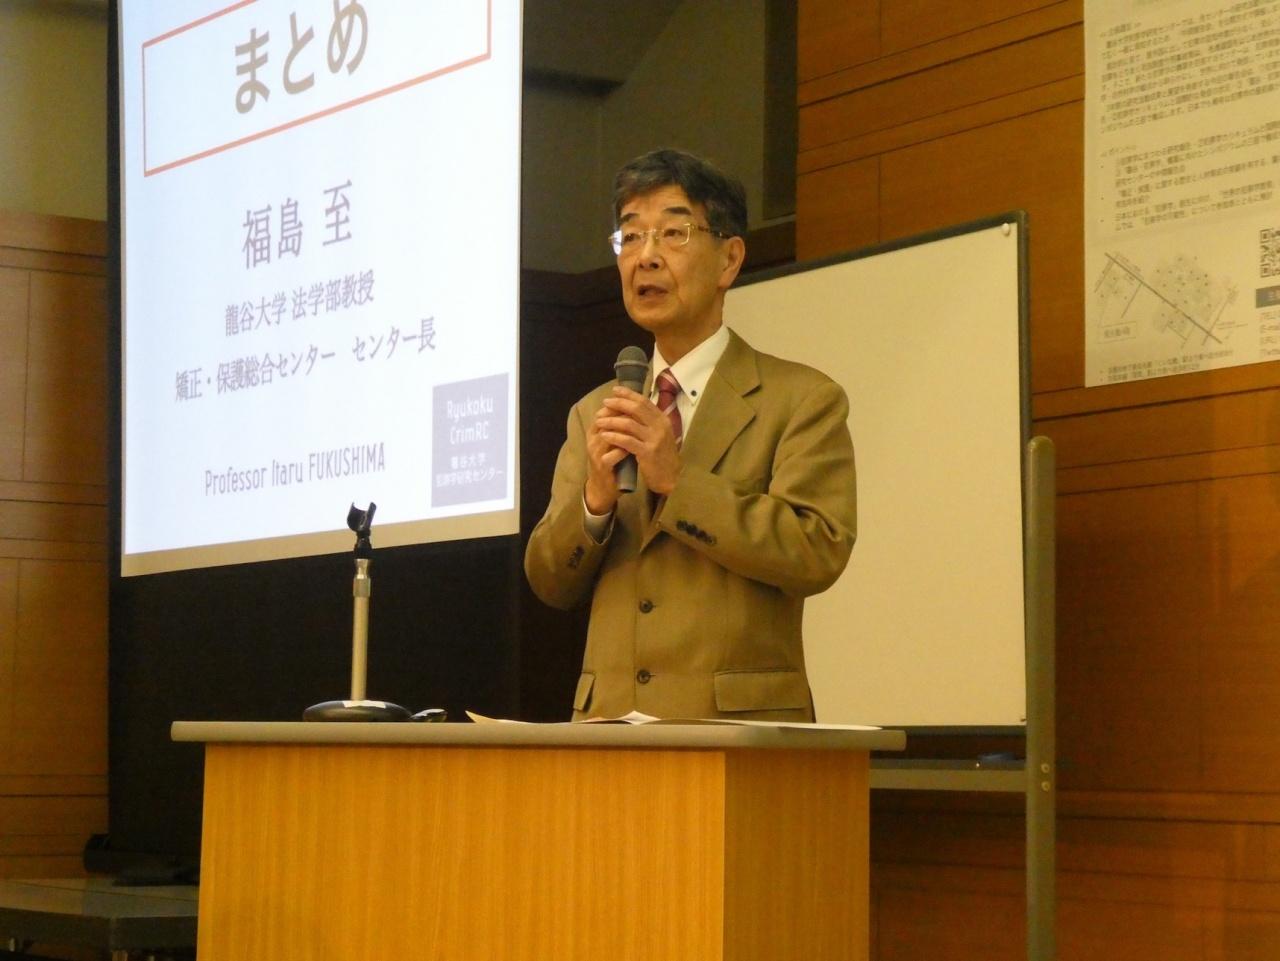 福島 至教授(本学法学部・矯正・保護総合センター長)